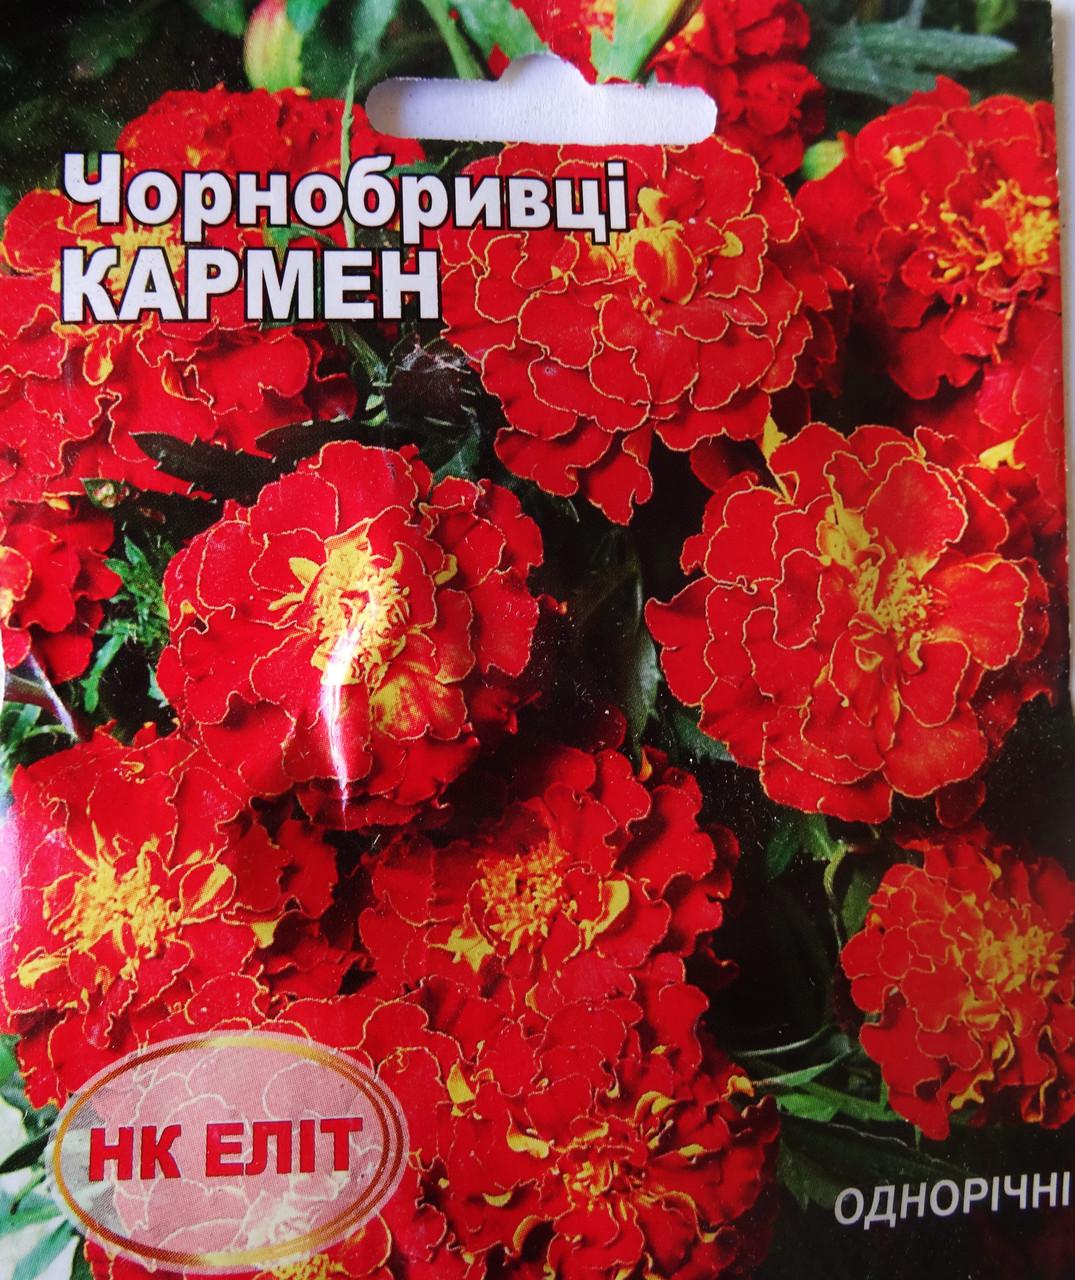 Семена  цветов 0,5 гр Чернобрывцы Кармен   НК Элит